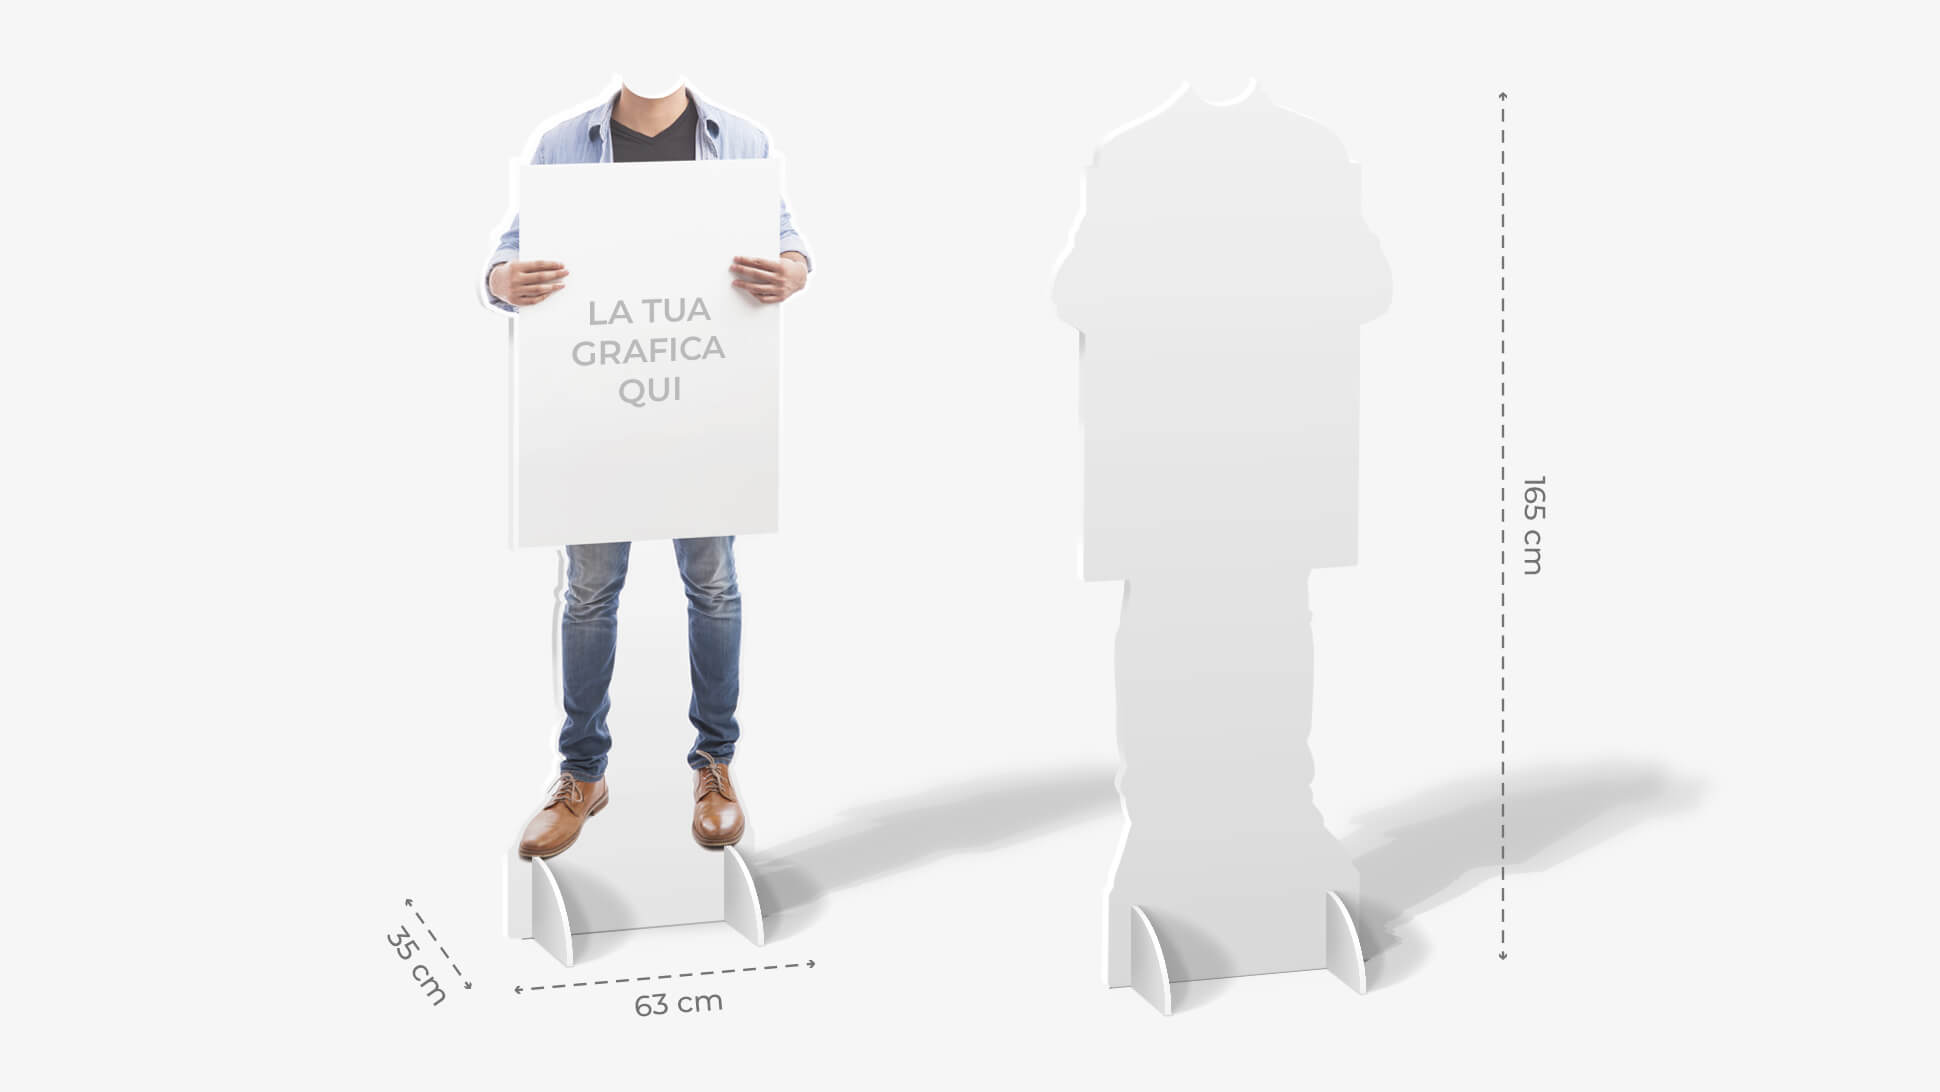 Sagome prestampate autoportanti in laminil con ragazzo con camicia | tictac.it